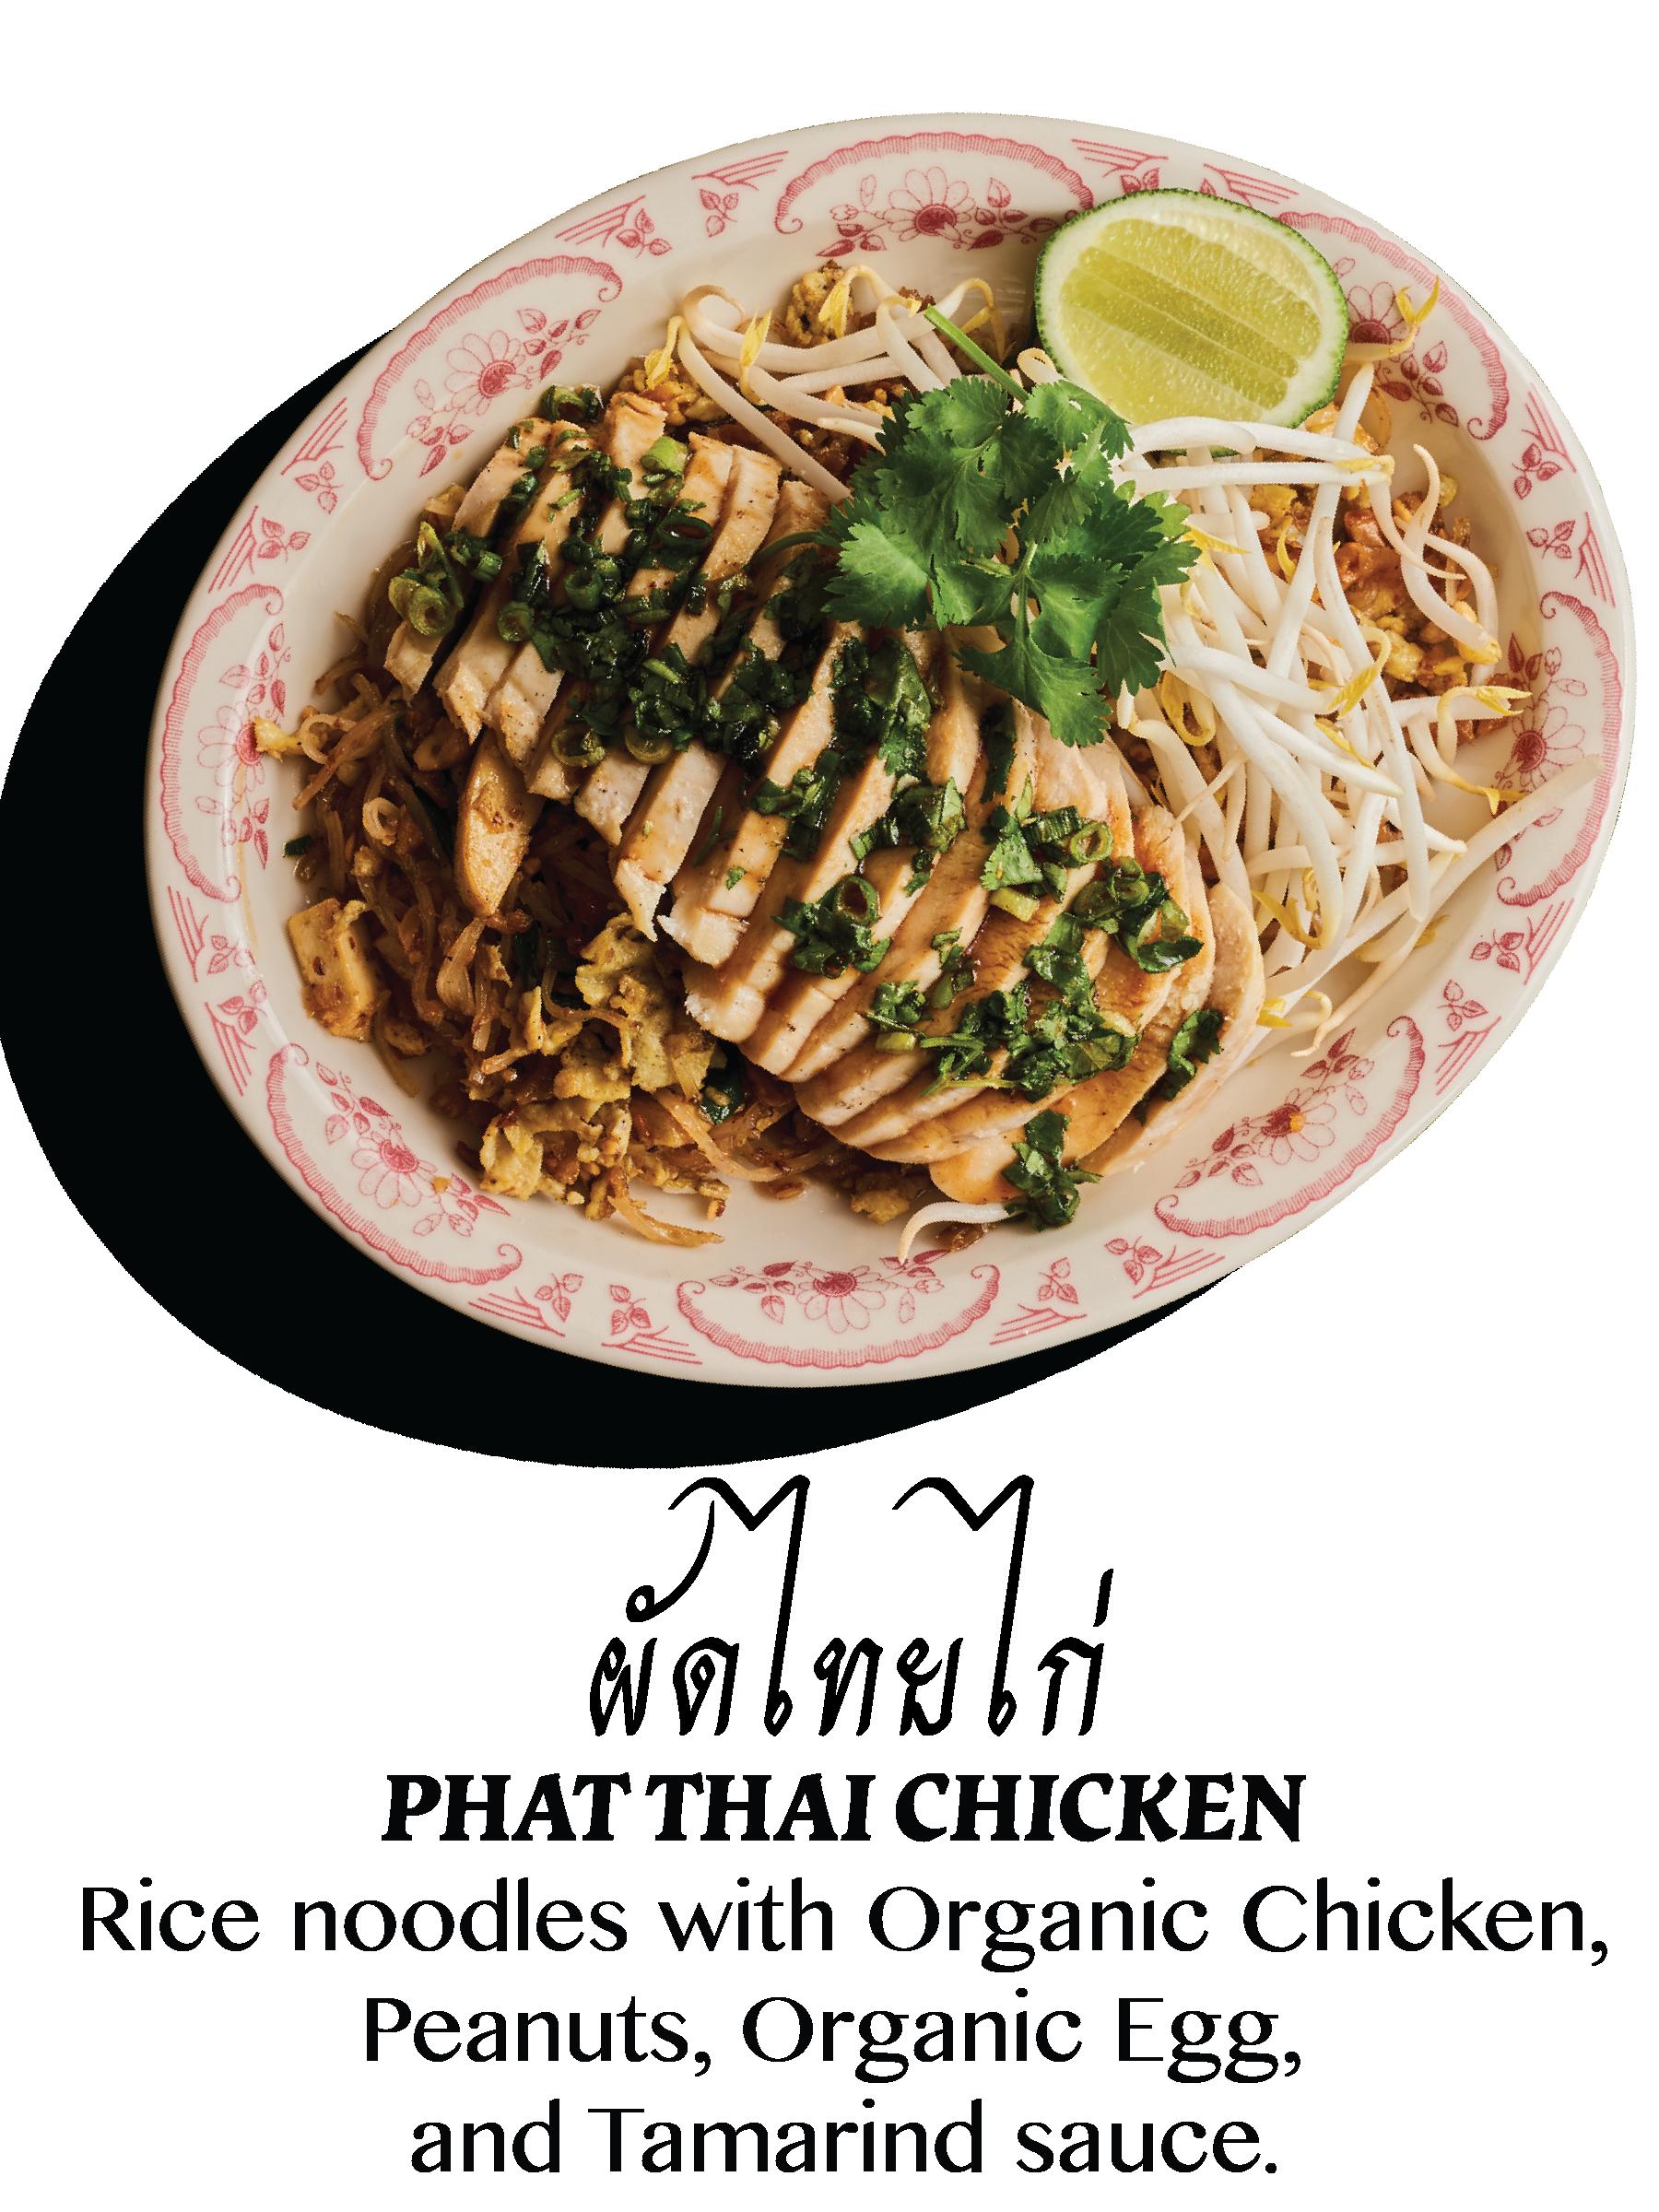 phat thai chicken